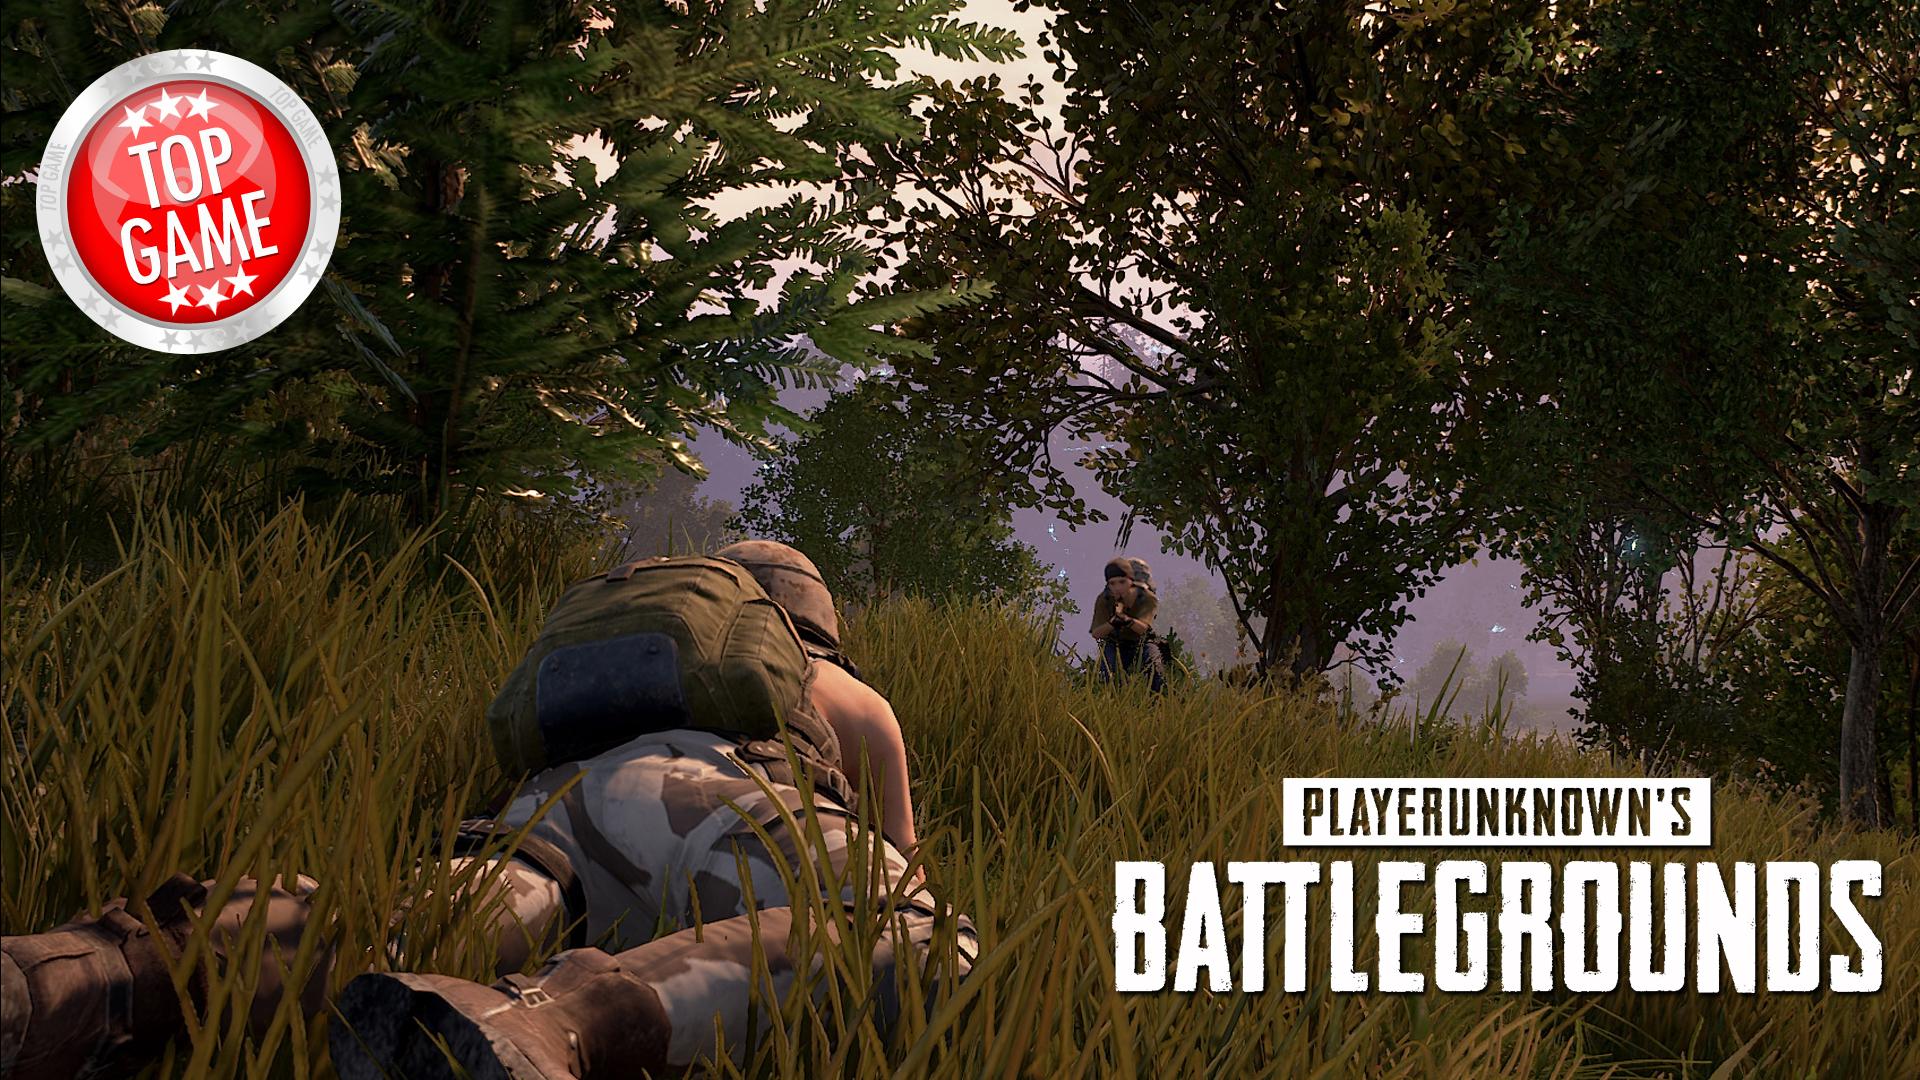 Playerunknowns Battlegrounds: PlayerUnknown's Battlegrounds Tips For Beginners